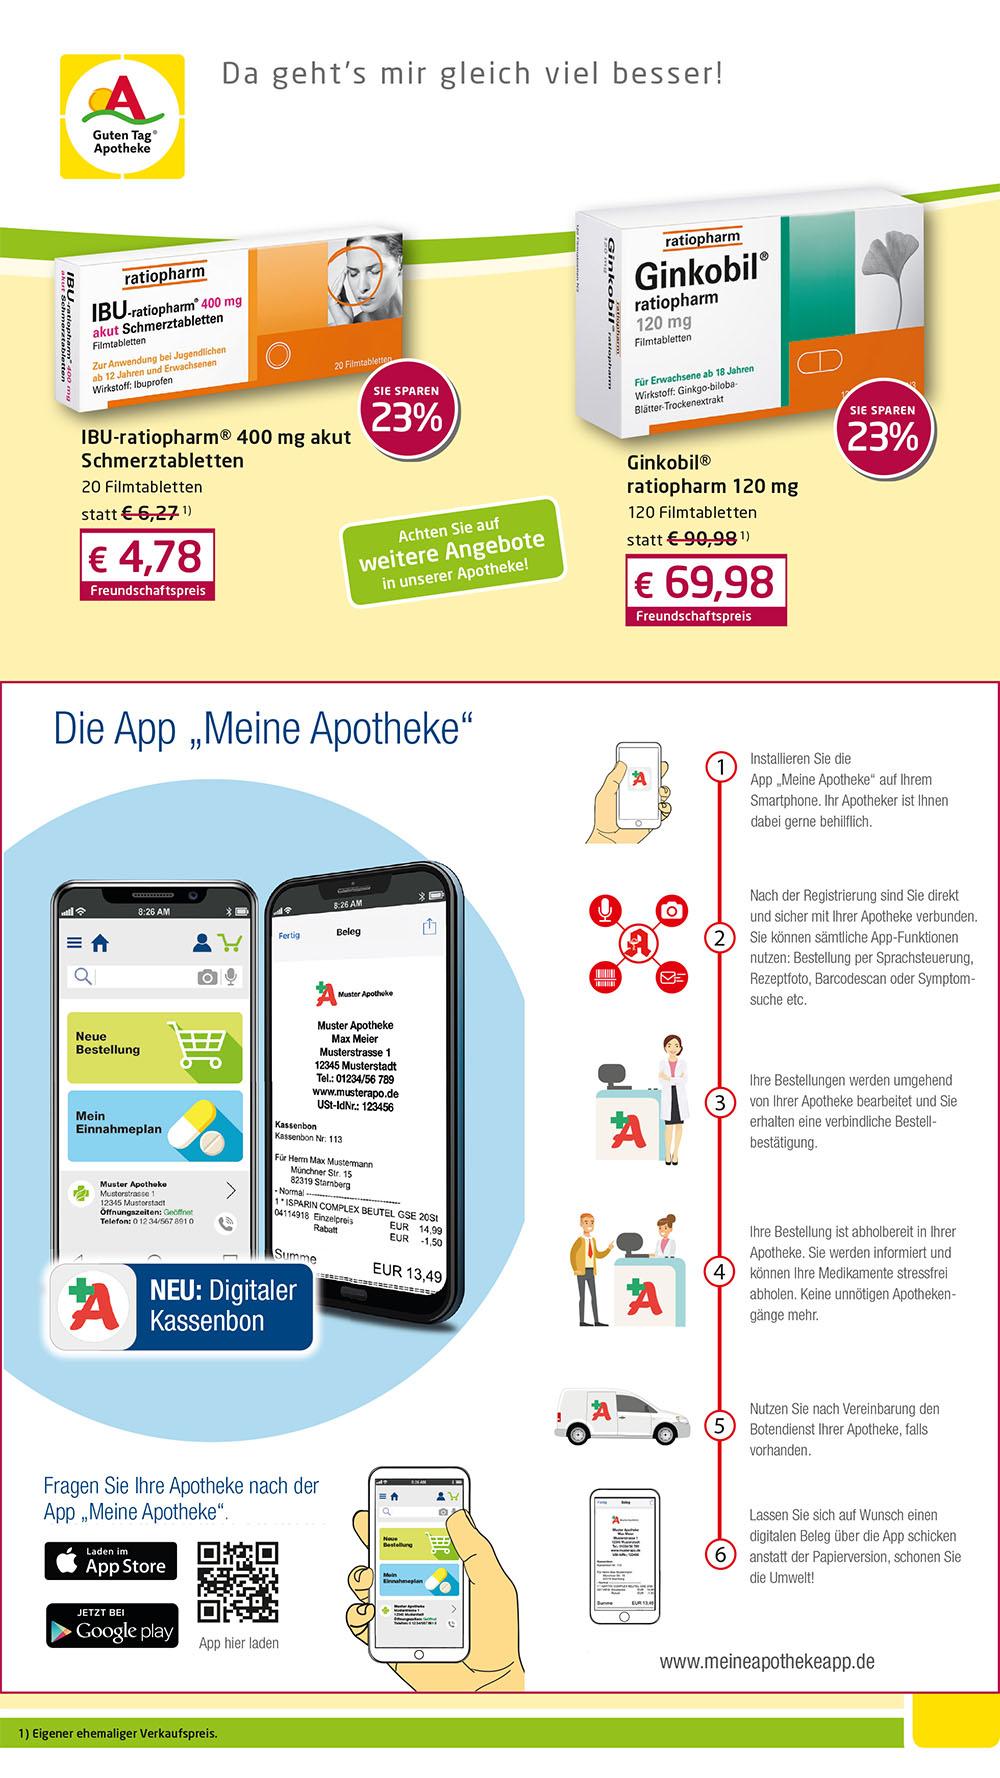 https://www-apotheken-de.apocdn.net/fileadmin/clubarea/00000-Angebote/65183_kur_angebot_6.jpg